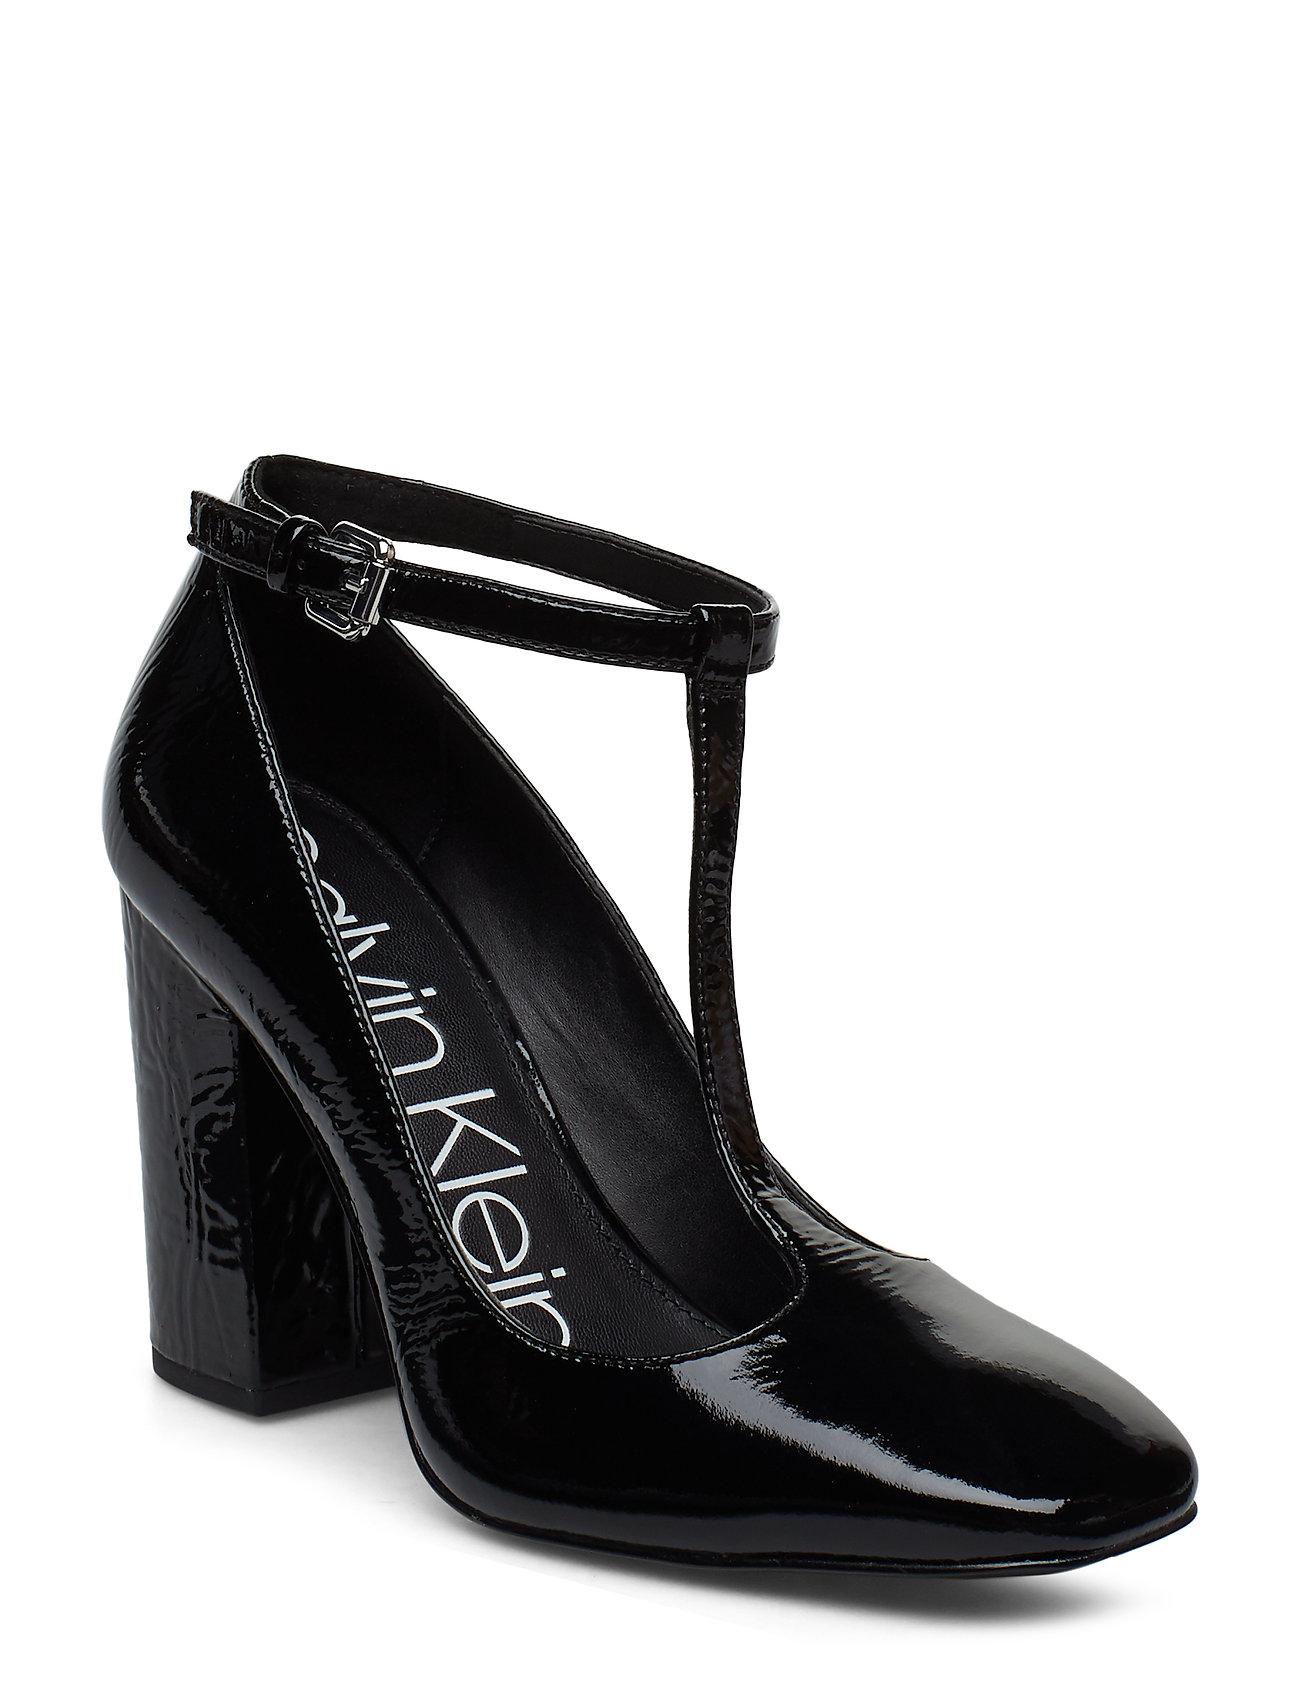 CALVIN KLEIN Lilly Shoes Heels Pumps Classic Schwarz CALVIN KLEIN